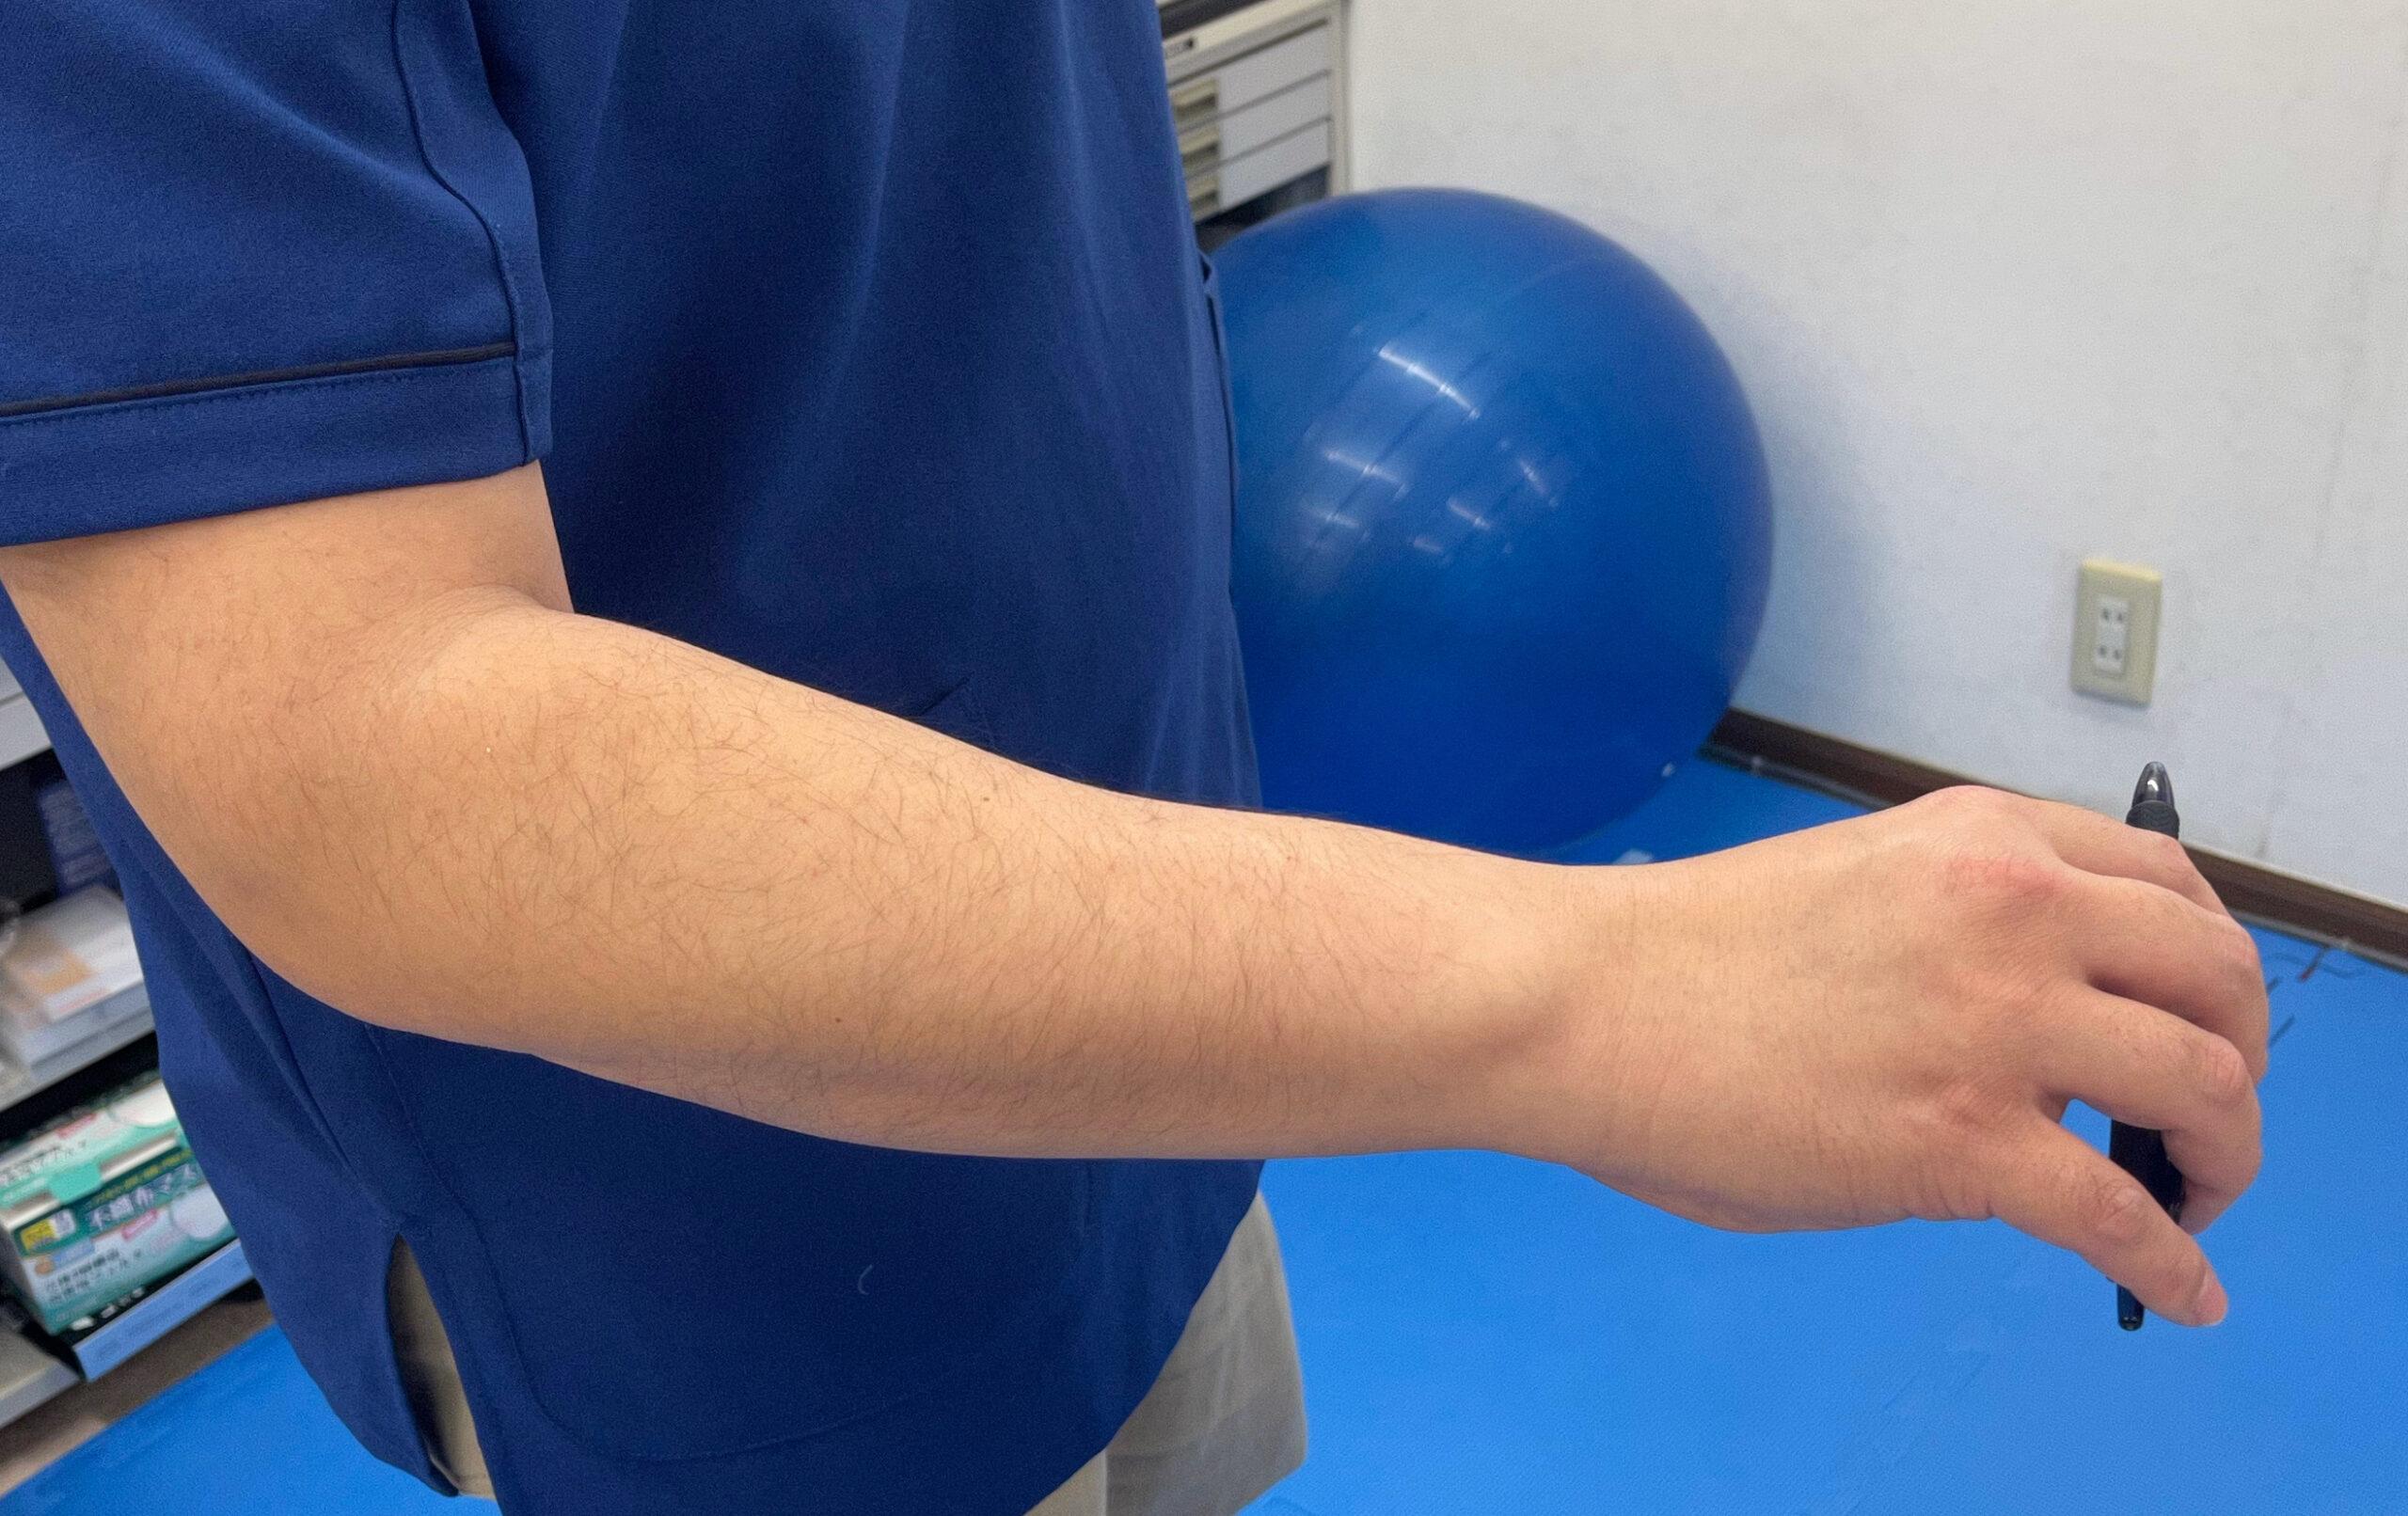 弦楽器の弓の操作における手首の適切な位置